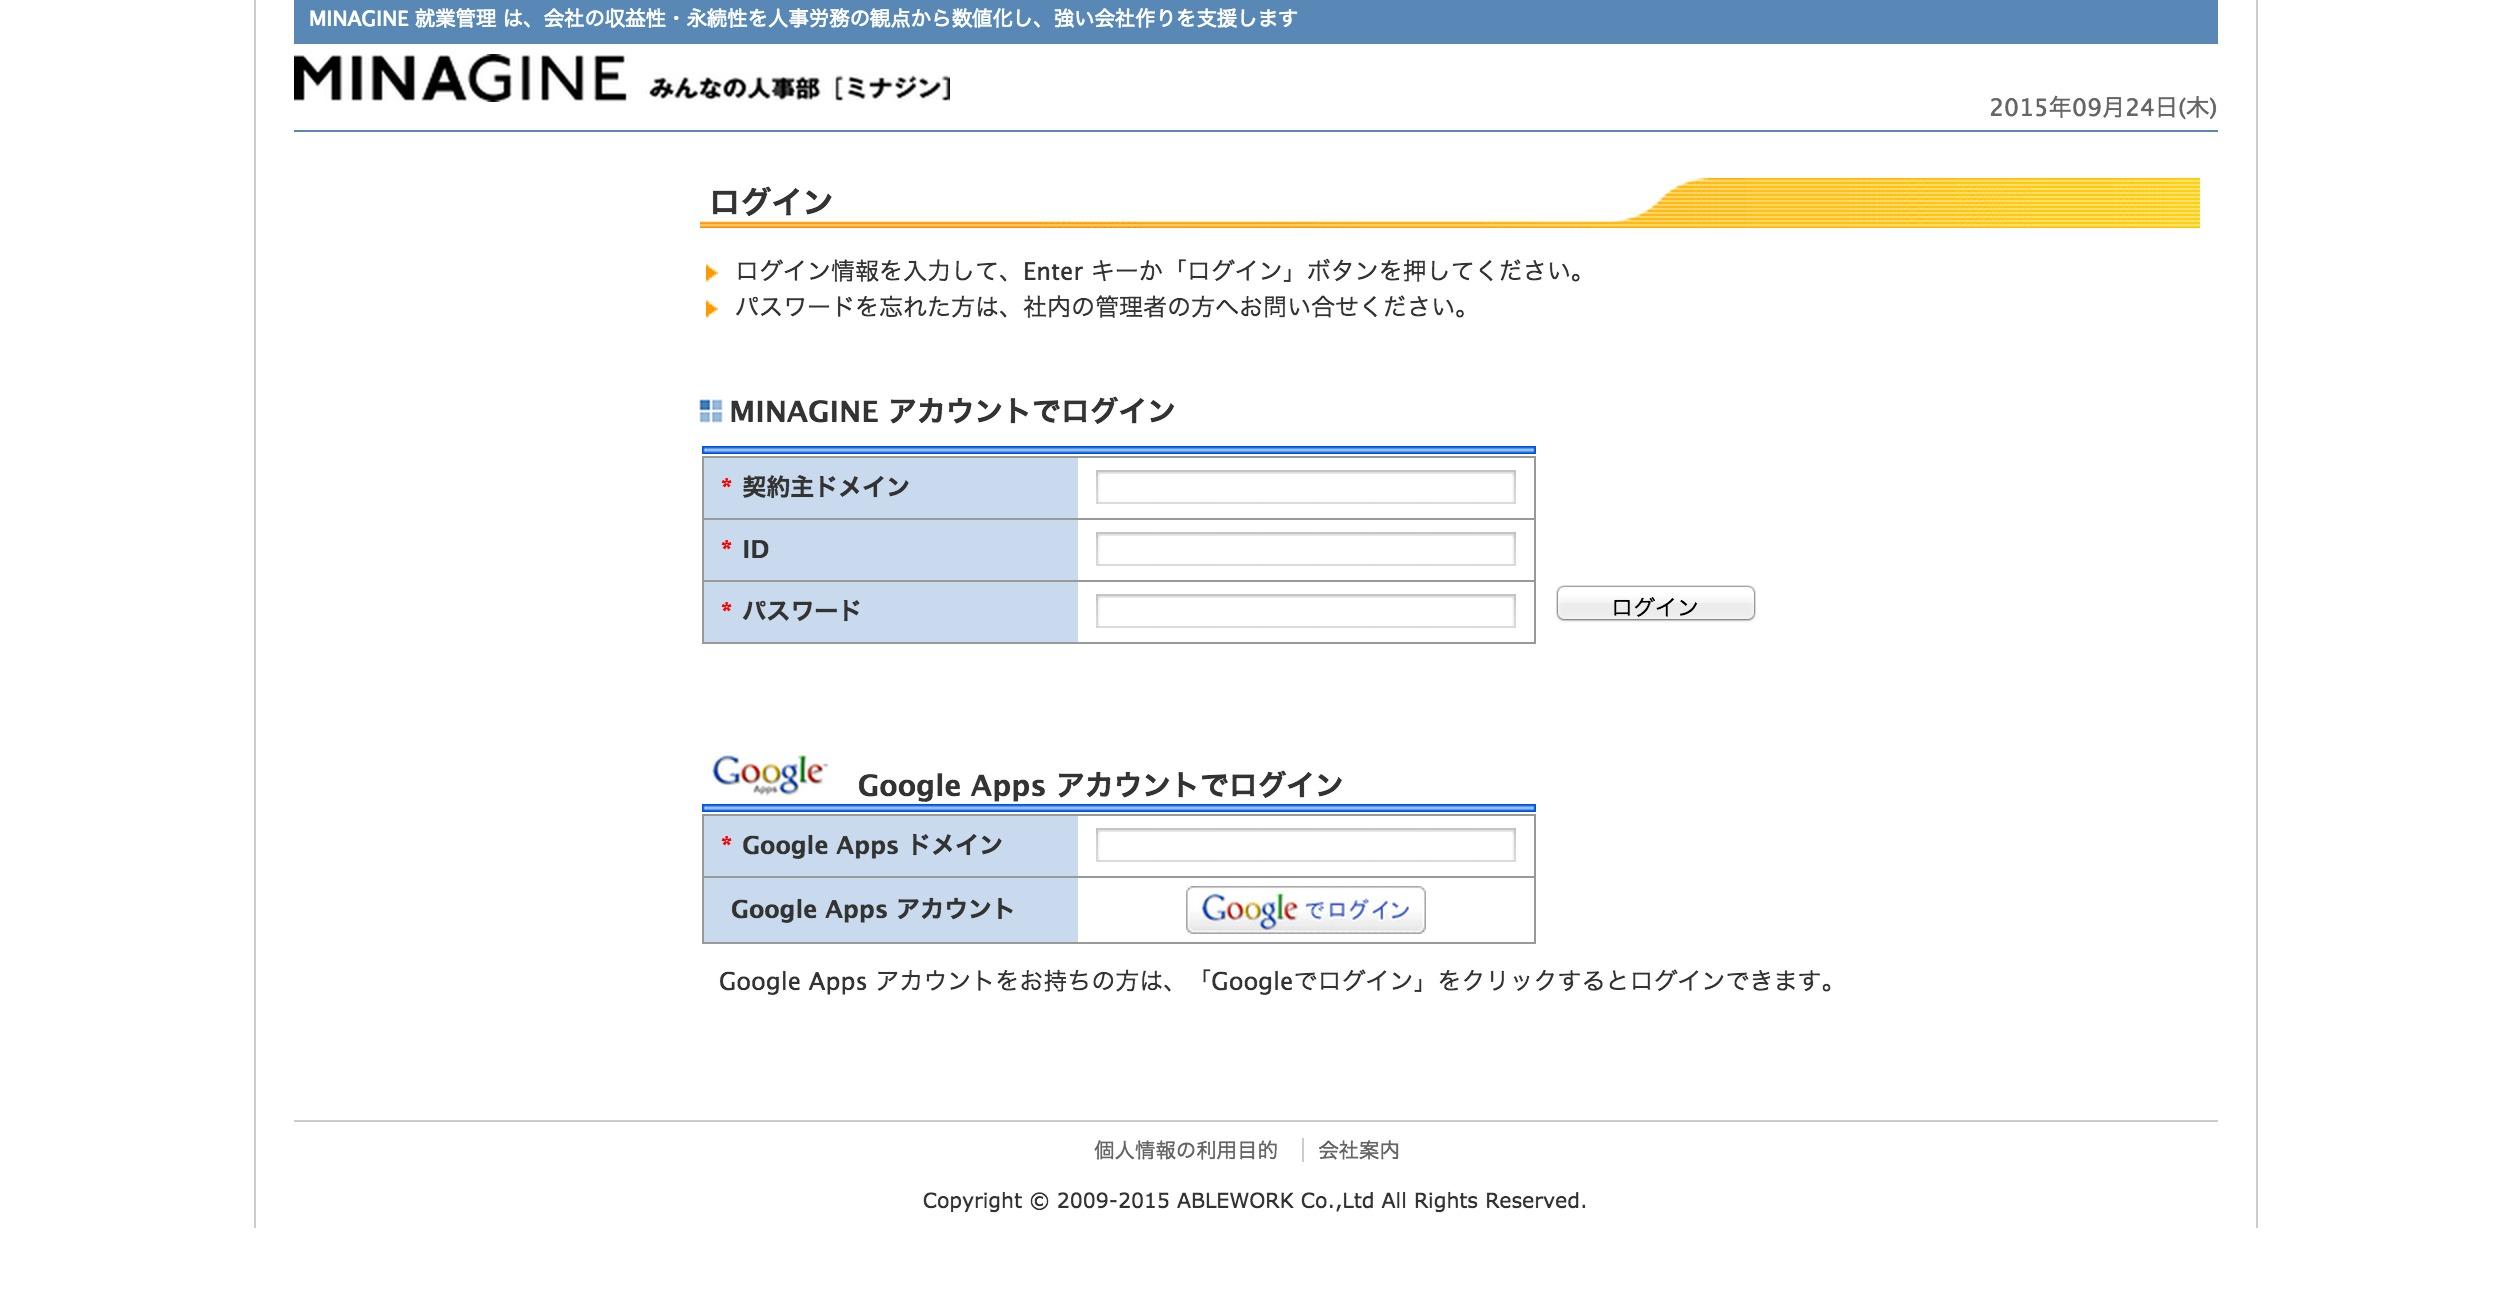 GoogleAppsと勤怠管理システム連携